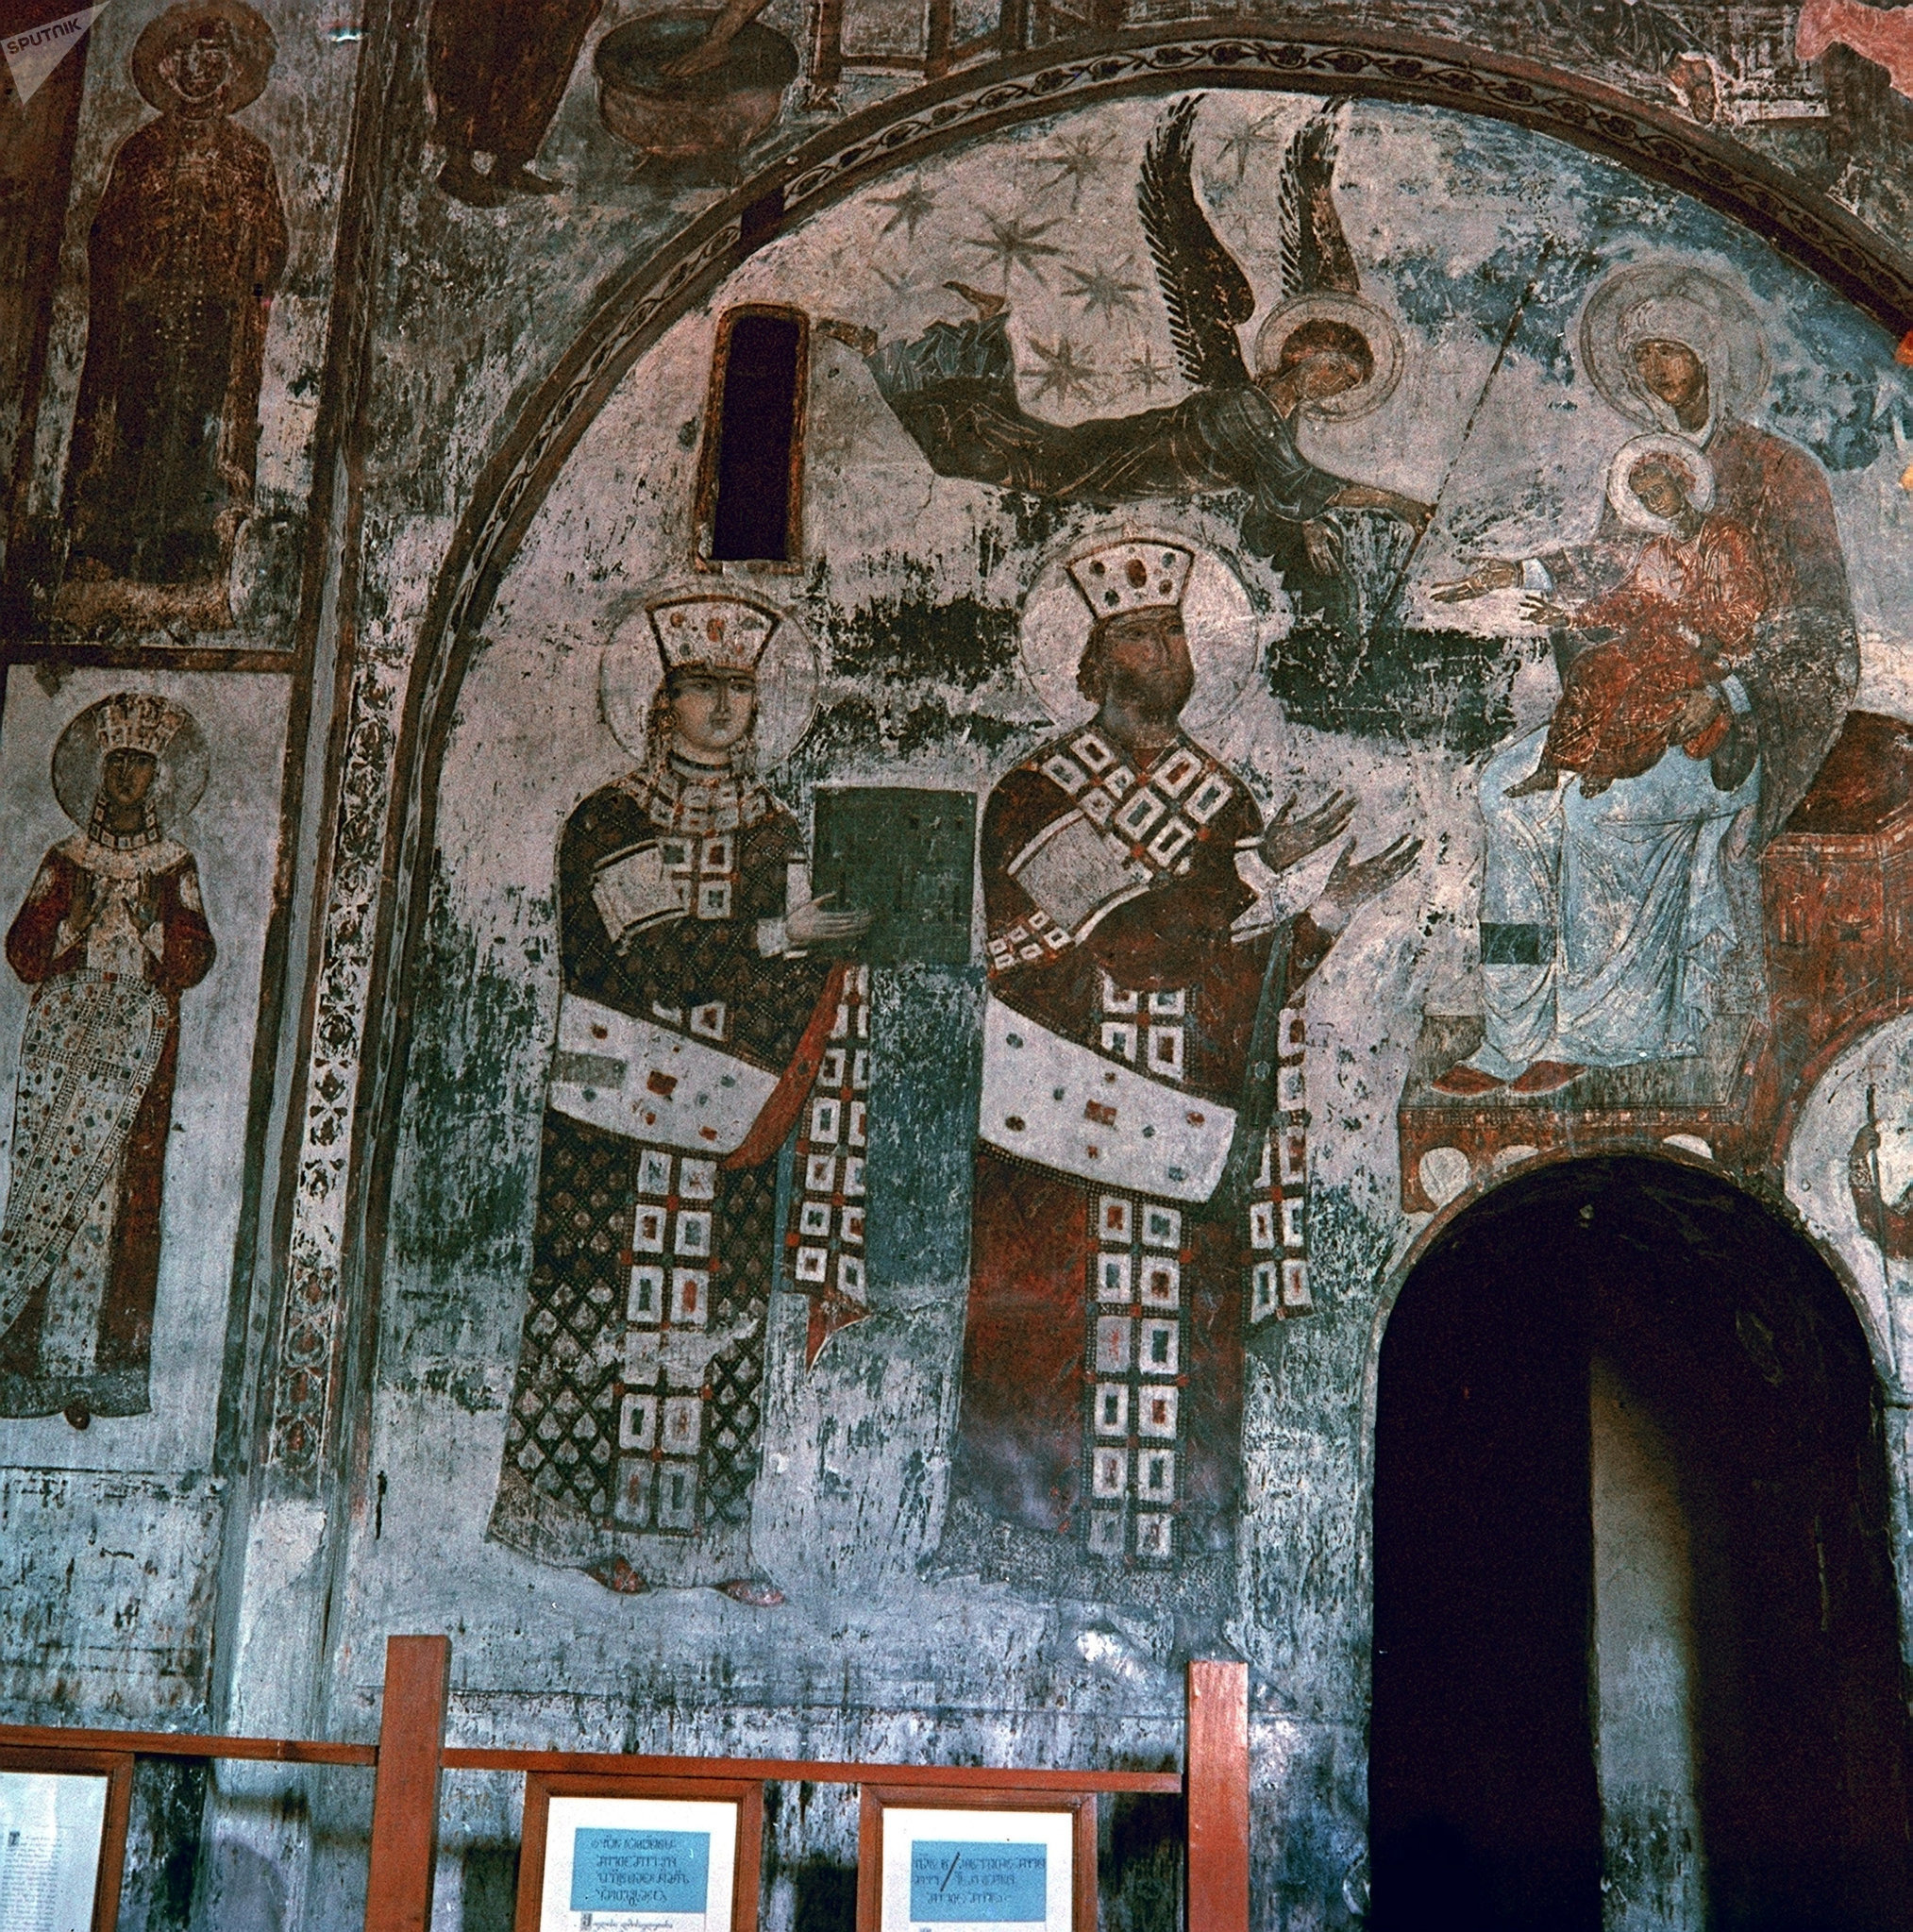 Rainha Tamara e seu pai, rei Jorge III, no mosteiro das Cavernas de Vardzia